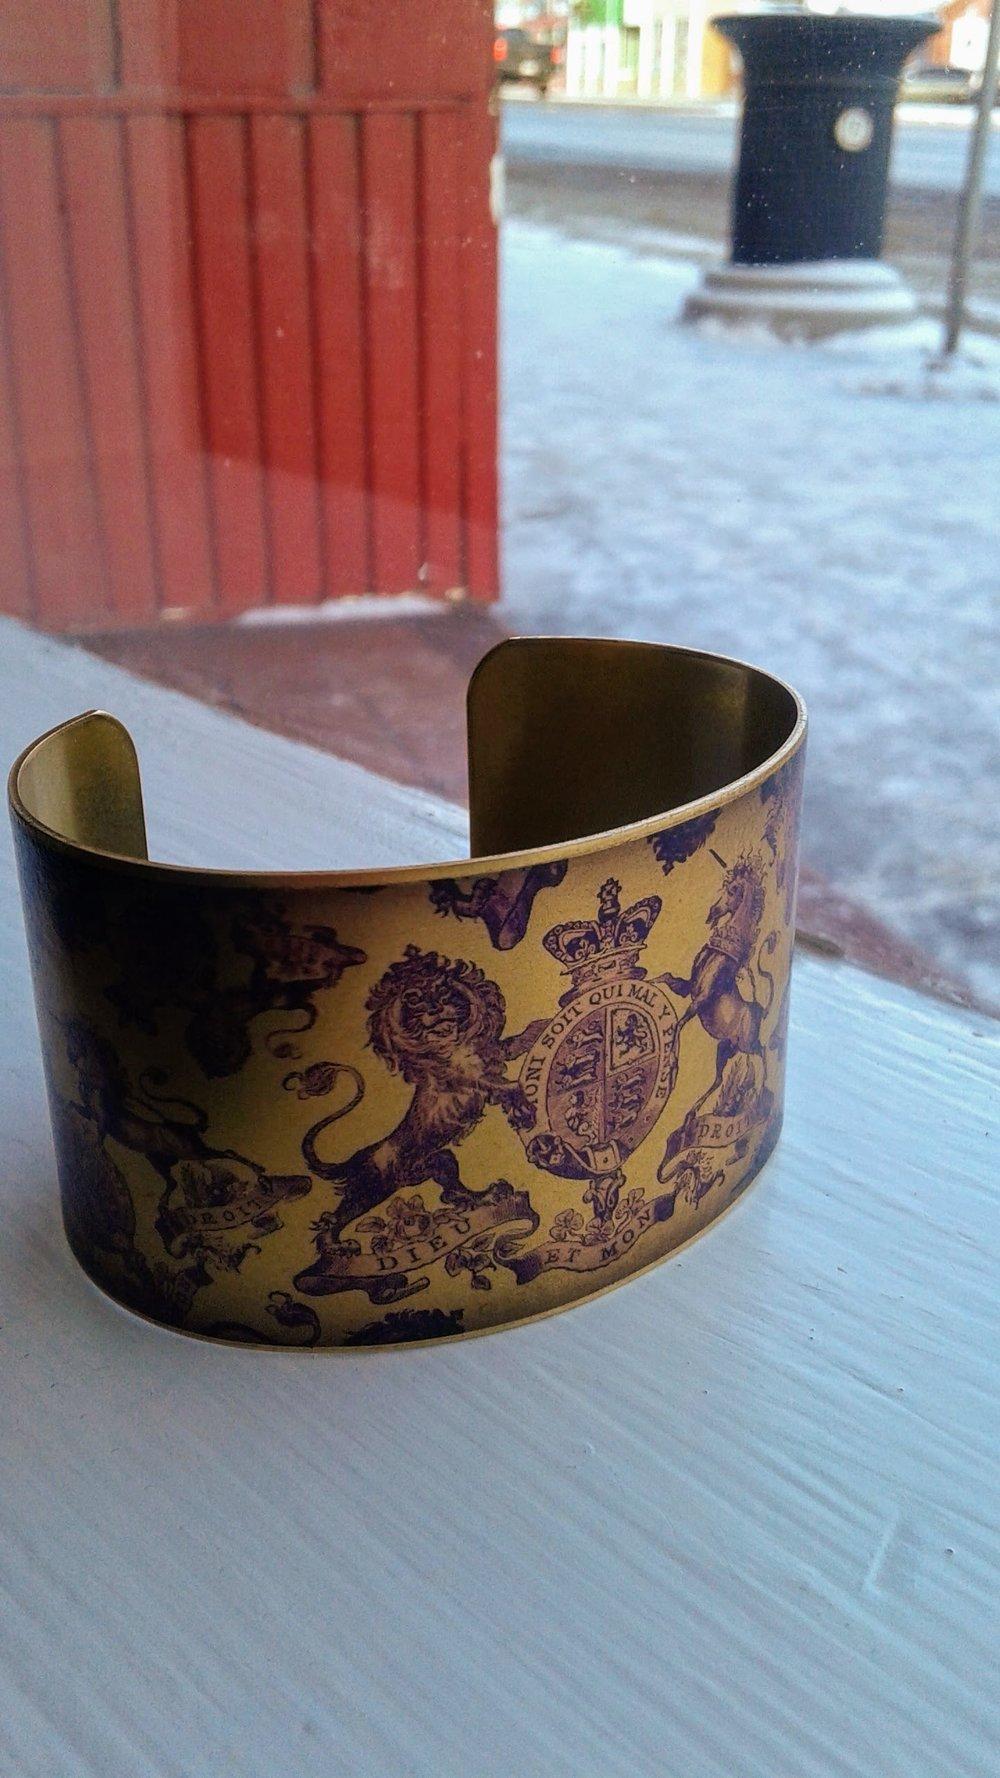 Cuff bracelet, $20